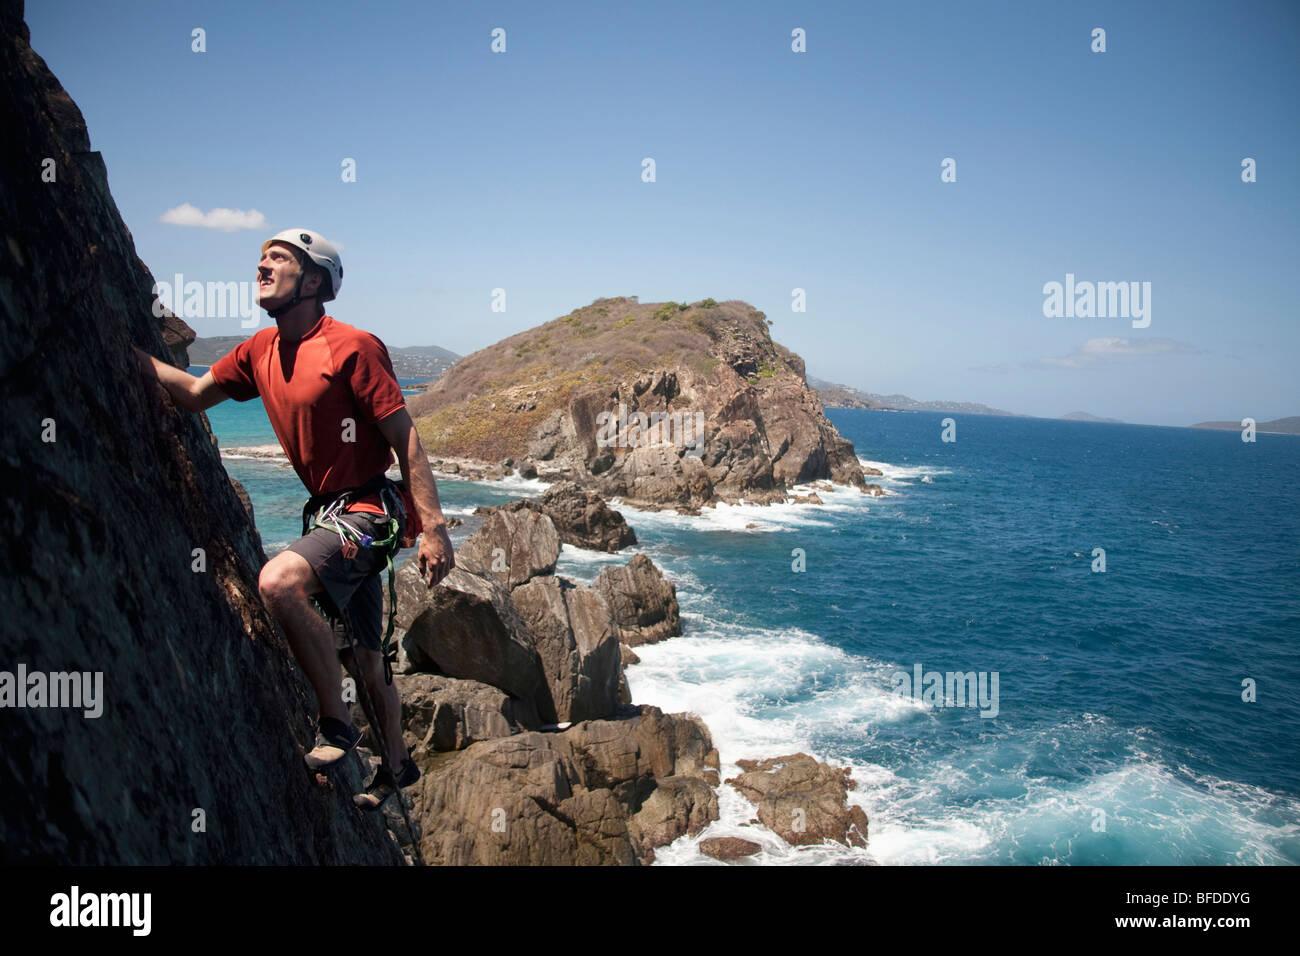 Ein Mann schaut beim Klettern traditionell einer neuen Route entlang einer abgelegenen Cay in den US Virgin Islands. Stockbild